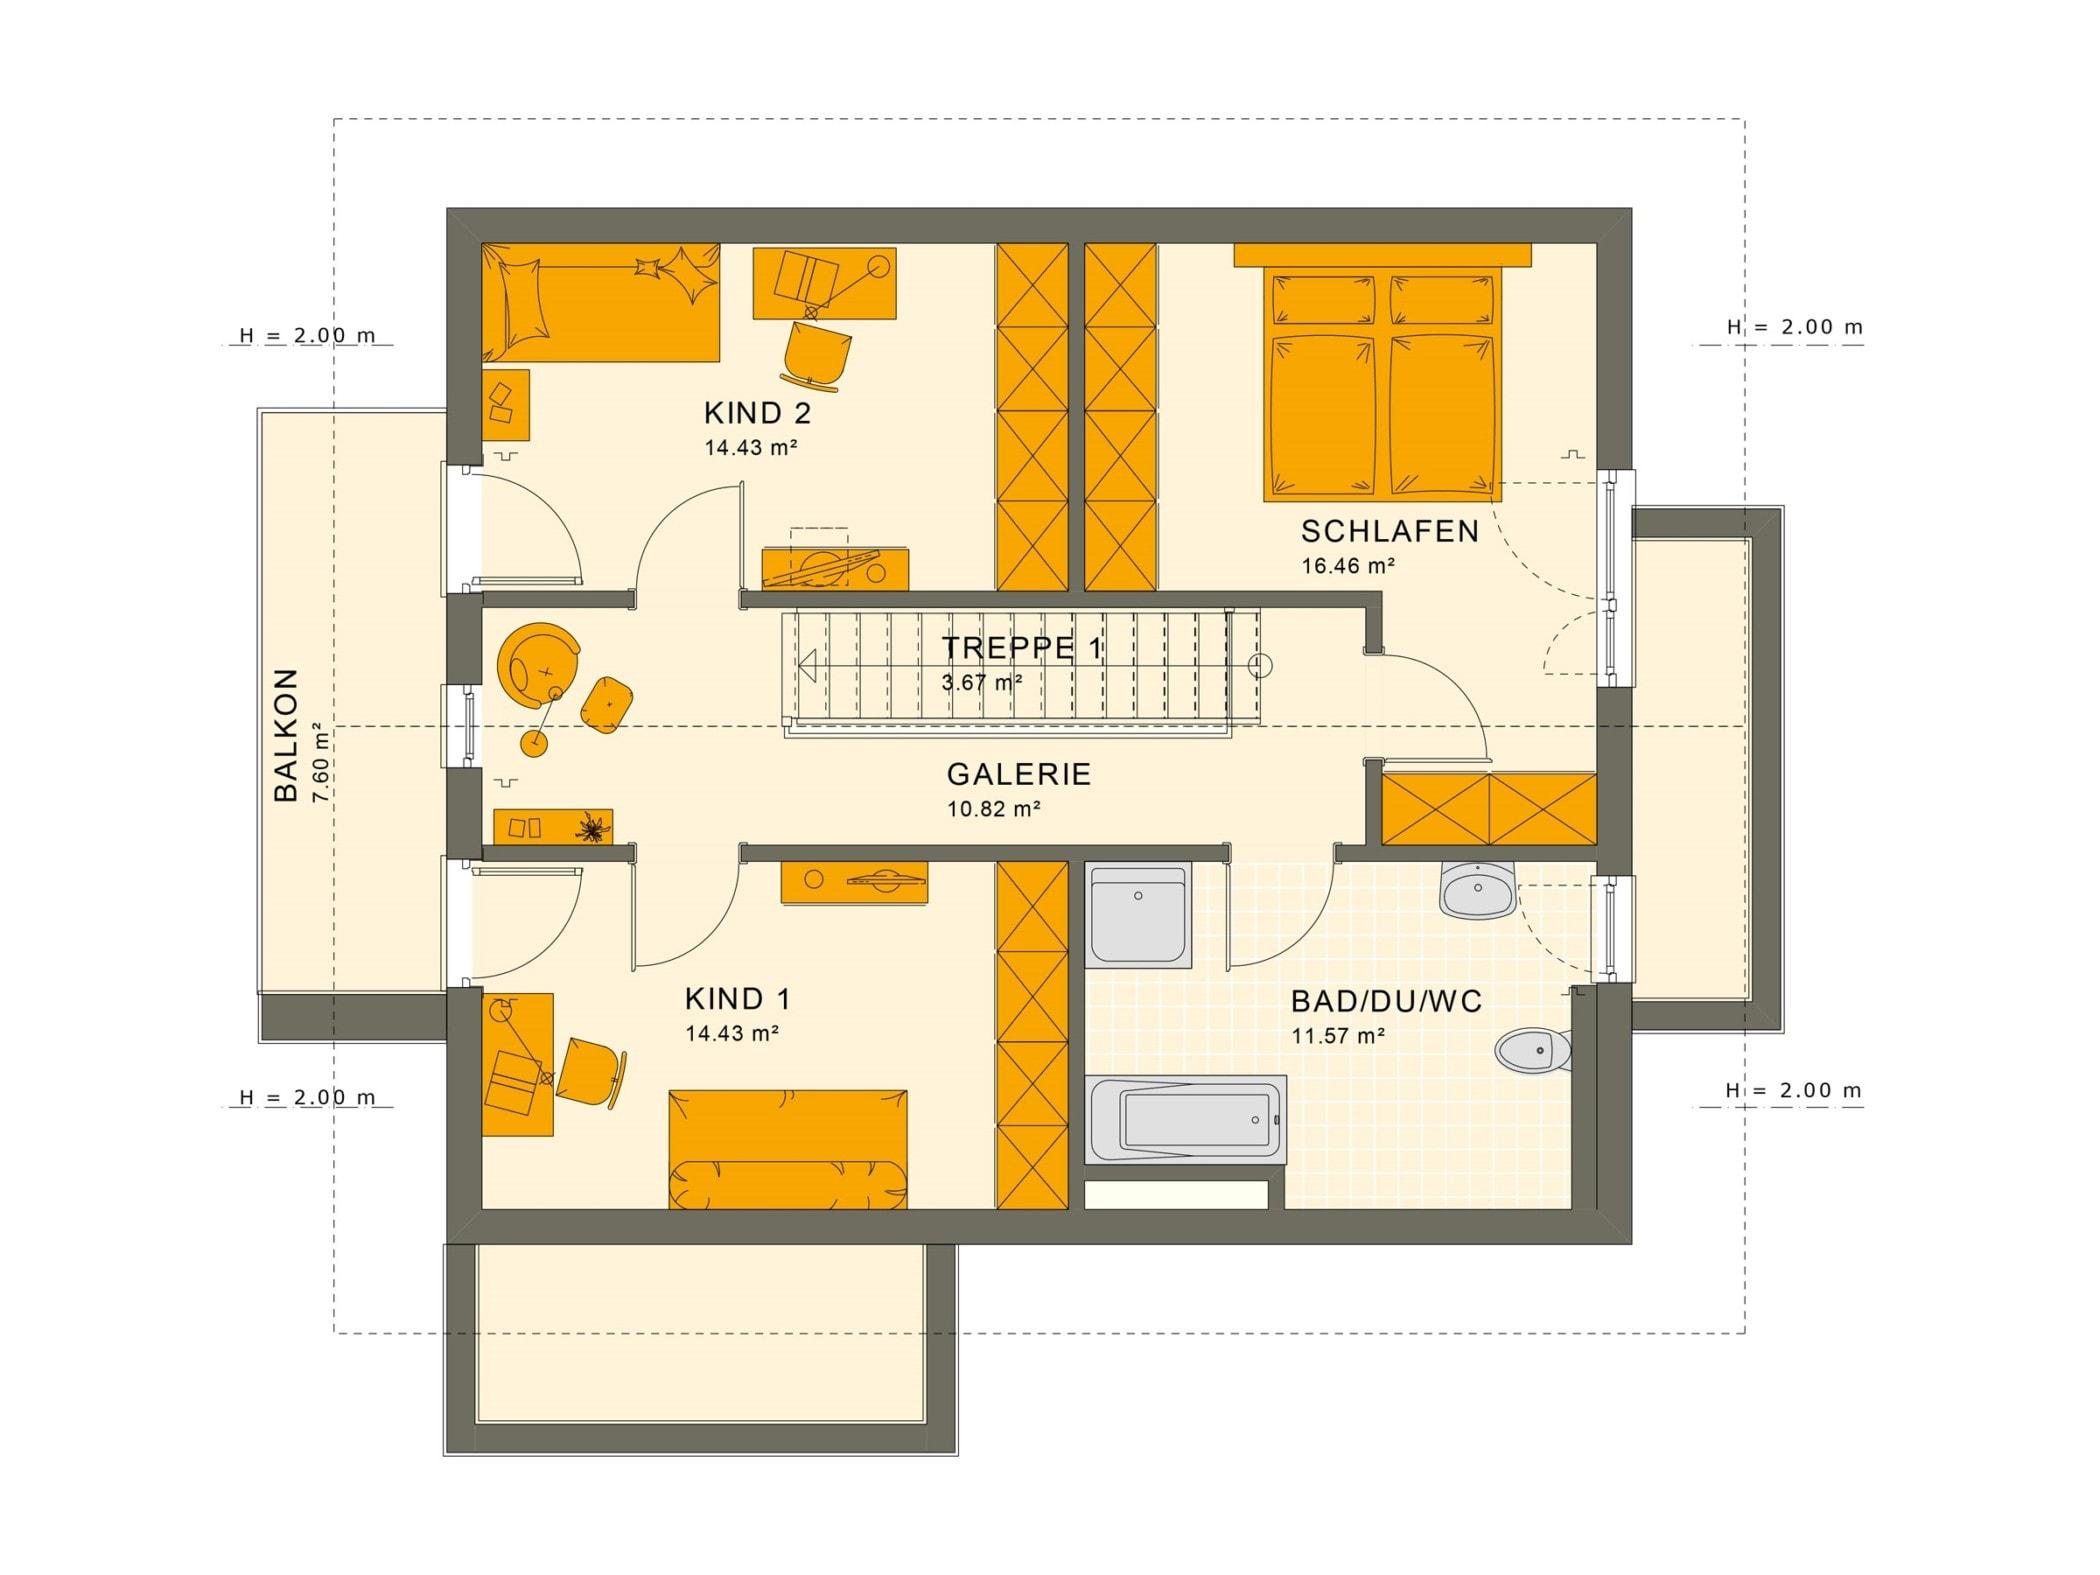 Grundriss Einfamilienhaus Obergeschoss Treppe mit Galerie, Balkon & Satteldach - Fertighaus SUNSHINE 144 V5 von Living Haus - HausbauDirekt.de